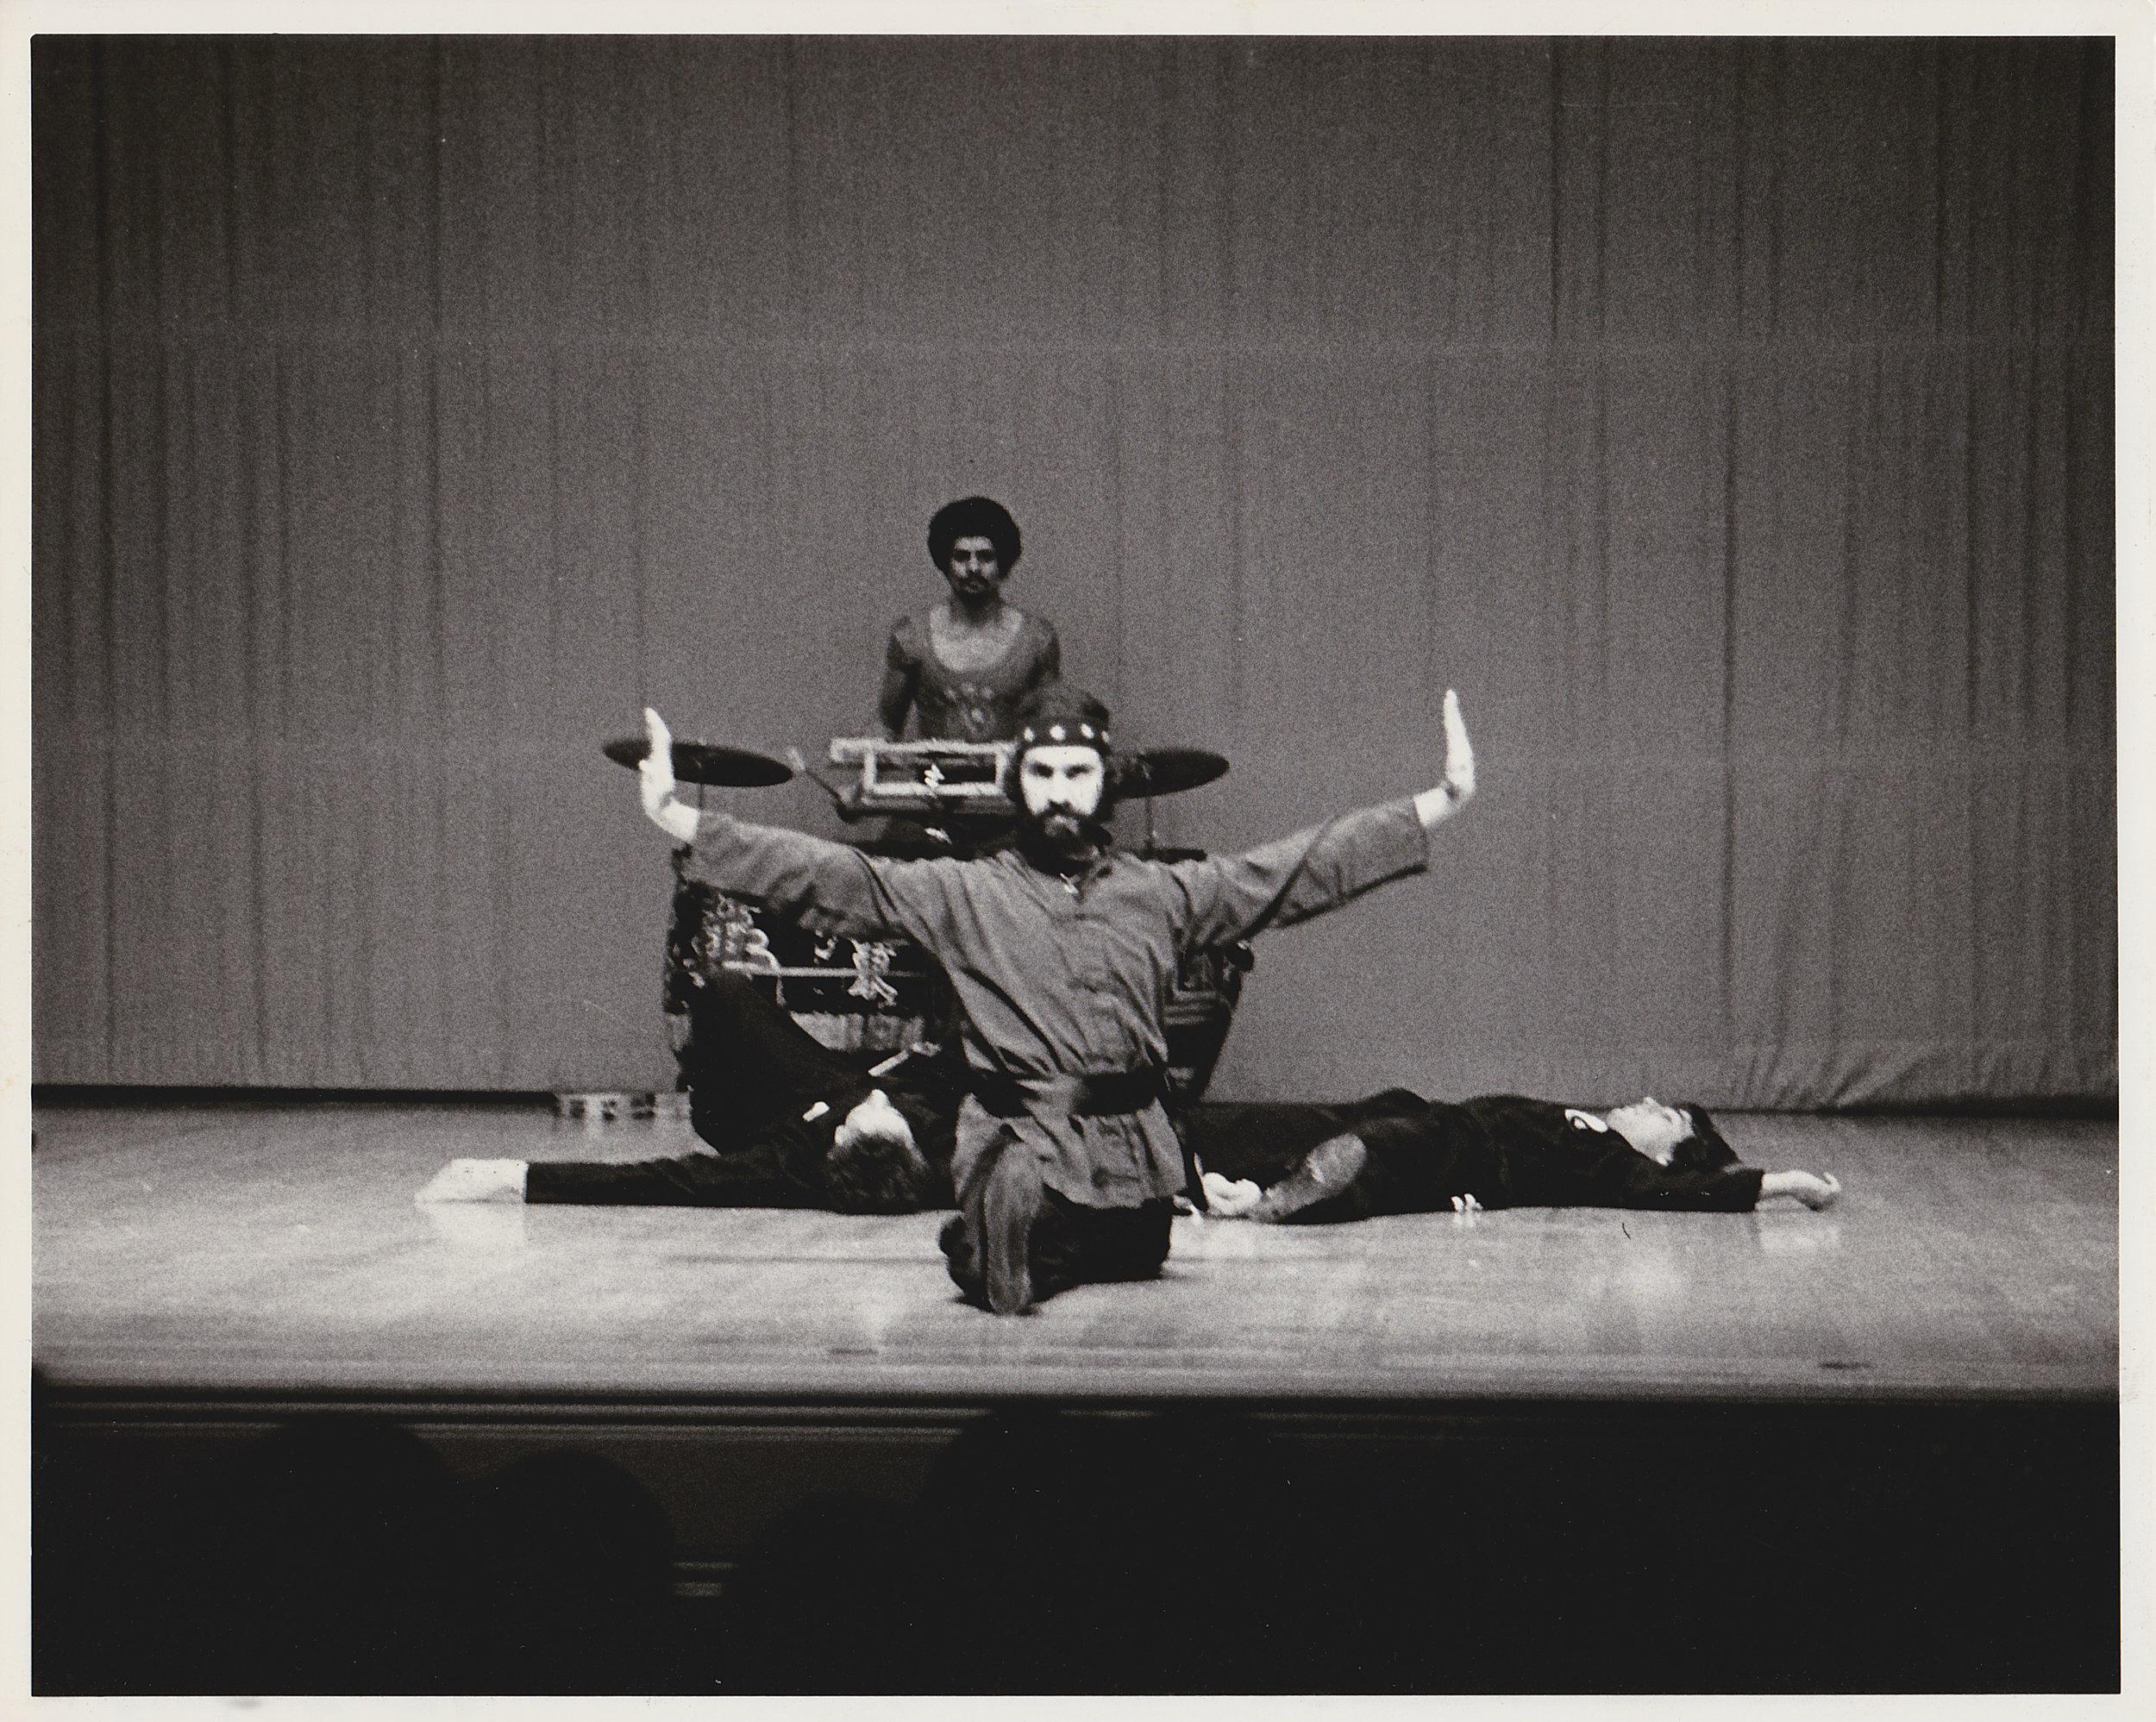 Sifu Paolillo at a demonstration at the John Hancock Hall in Boston, MA, late 1970s